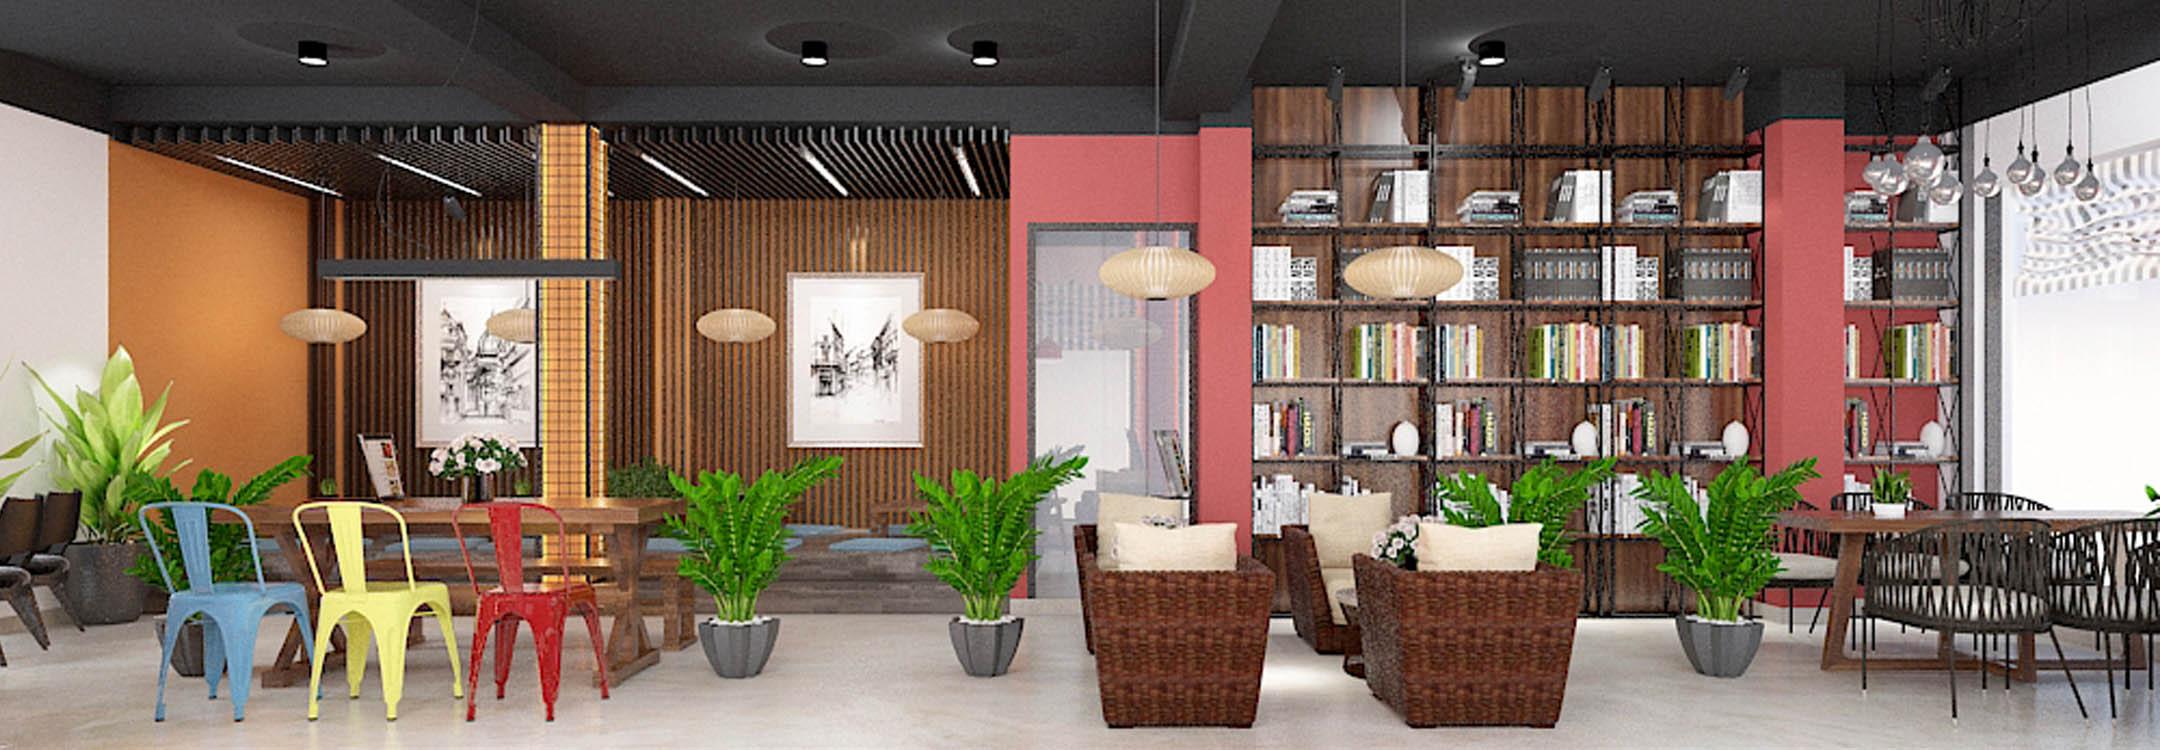 Thiết kế quán trà sữa House of Cha - Phan Văn Trường